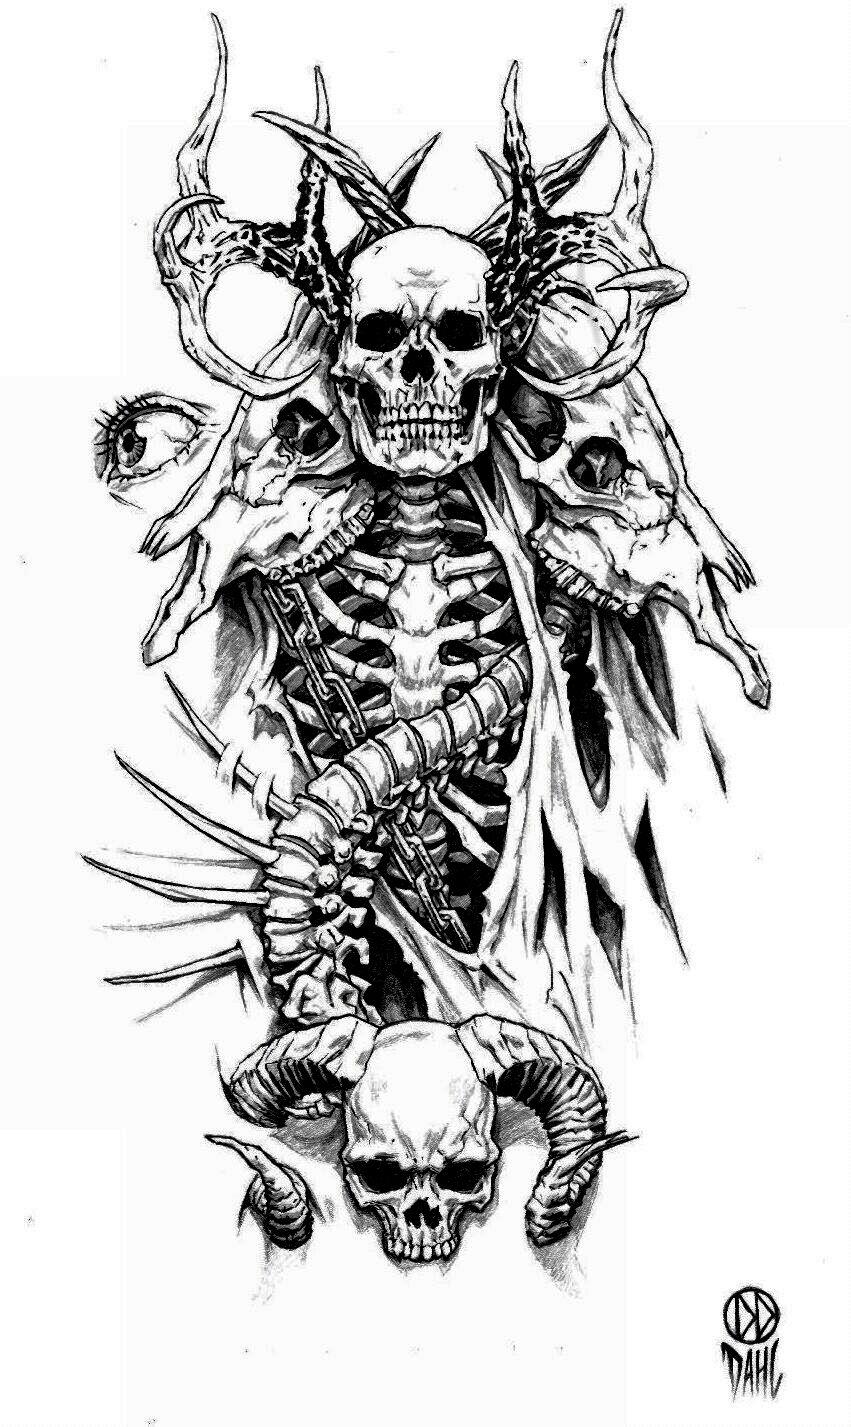 Tattoo Design By Danieldahl On Deviantart Tattoo Design Drawings Skull Sleeve Tattoos Skull Art